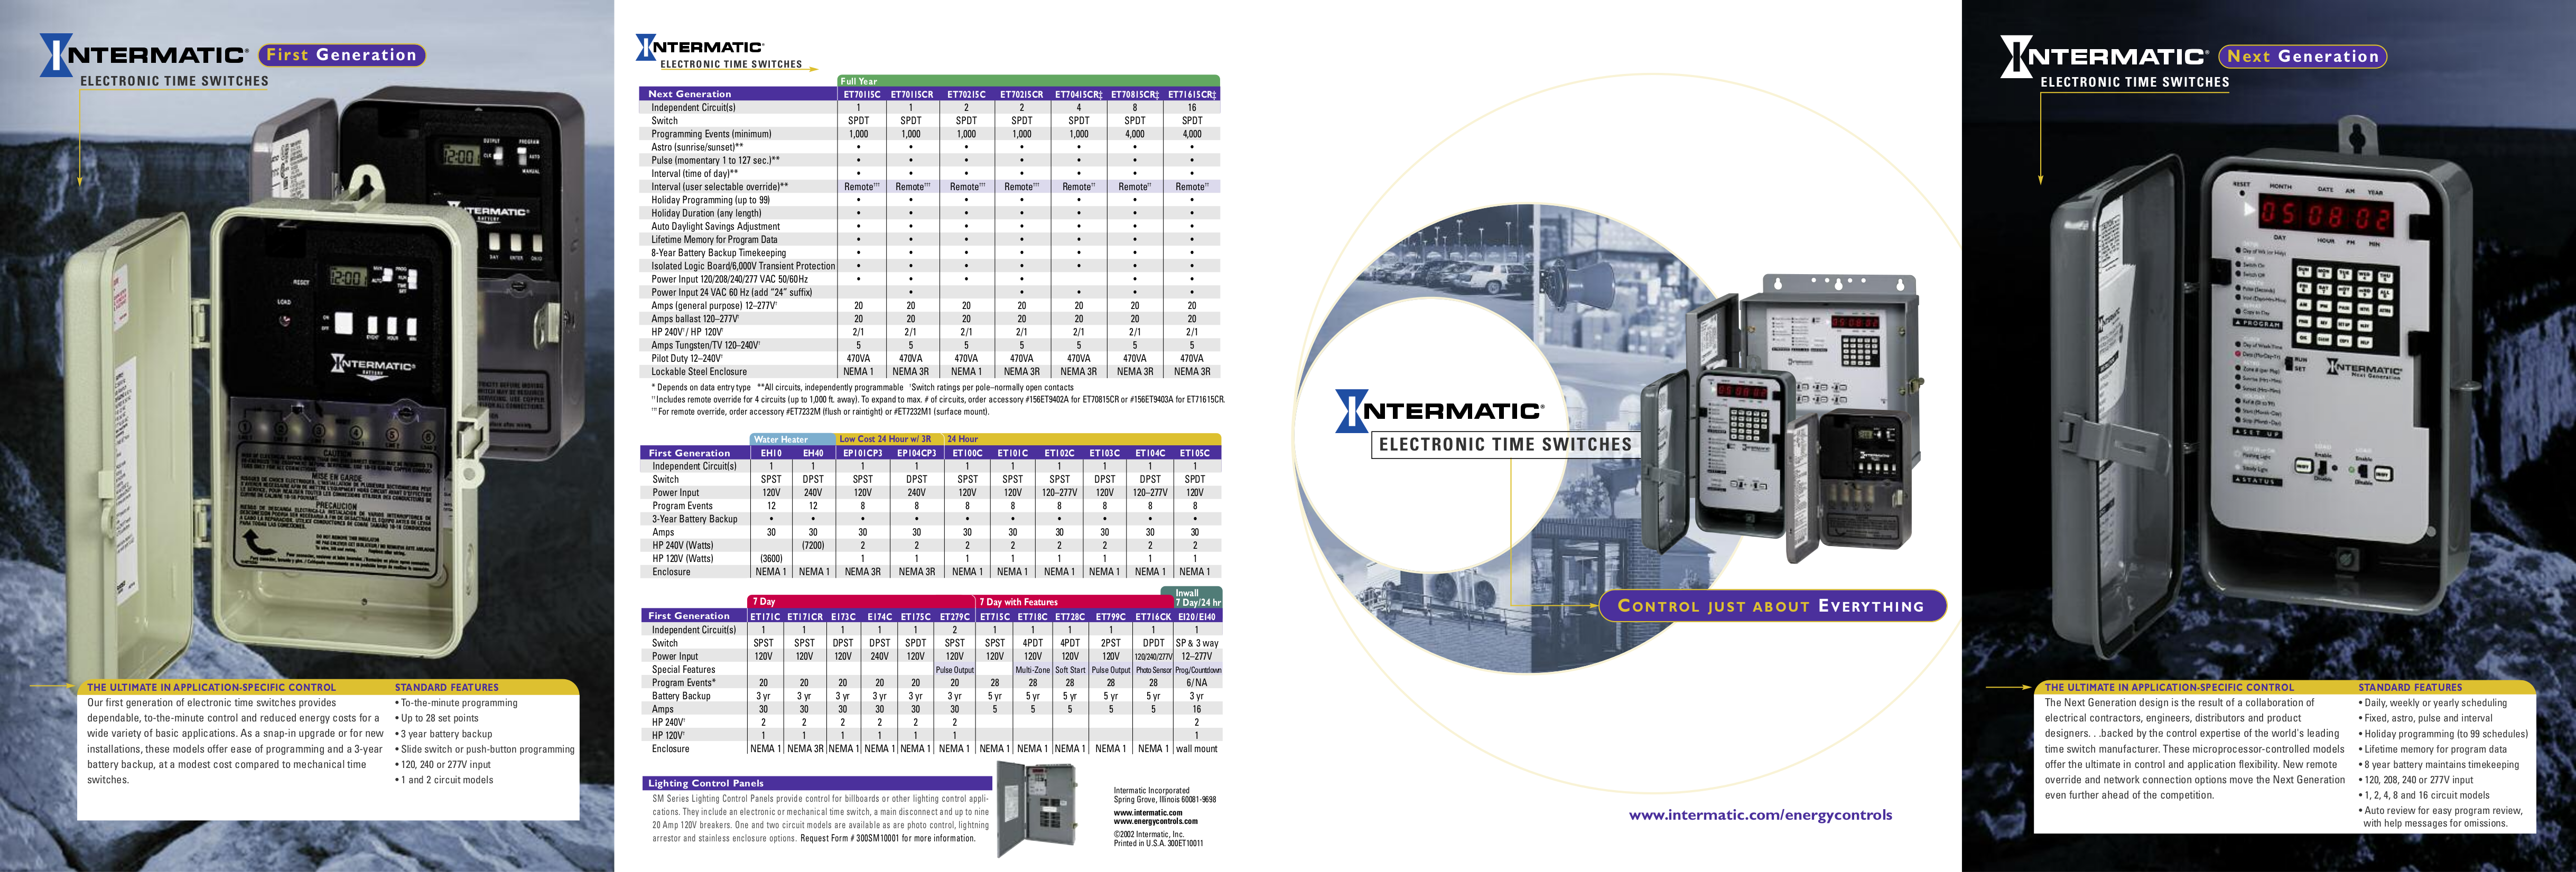 Intermatic Model Et70215c Manual Dual Time Clock Wiring Diagram